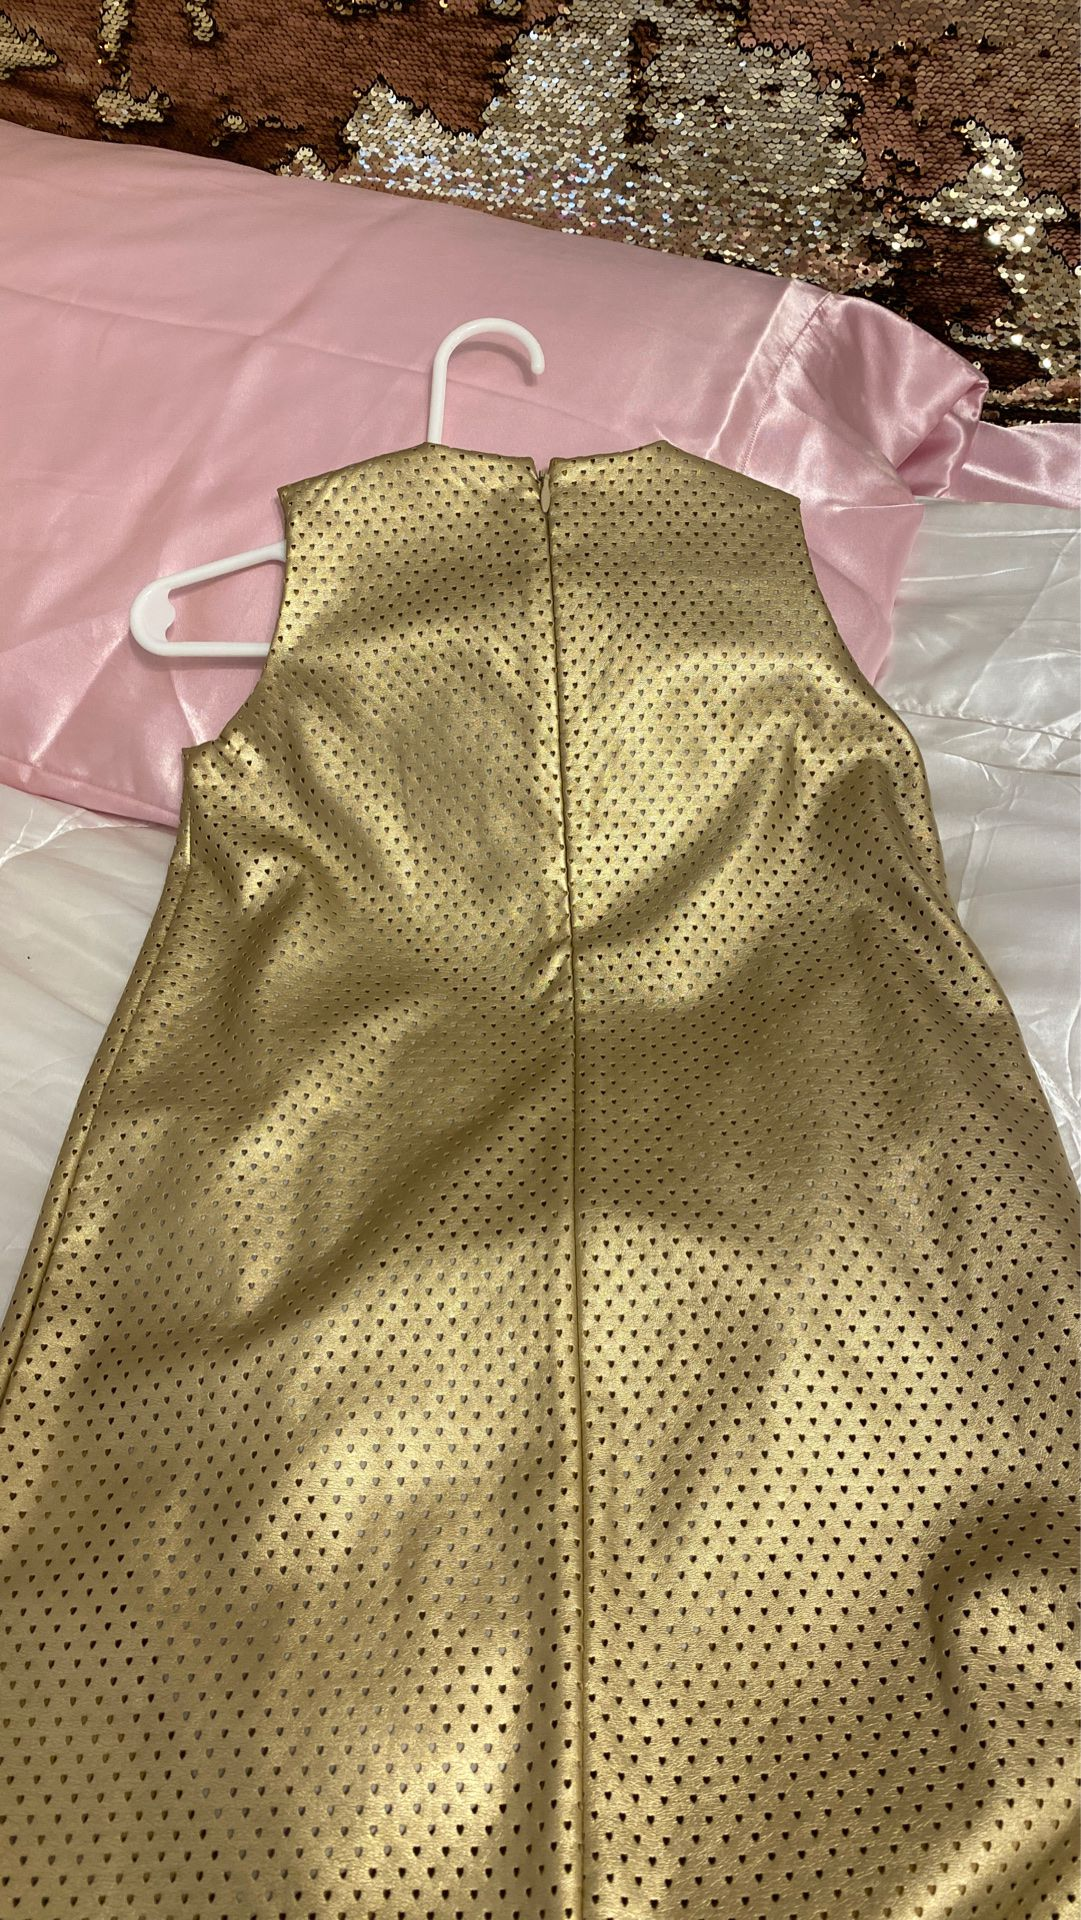 Golden summer dress size 7 girls $10